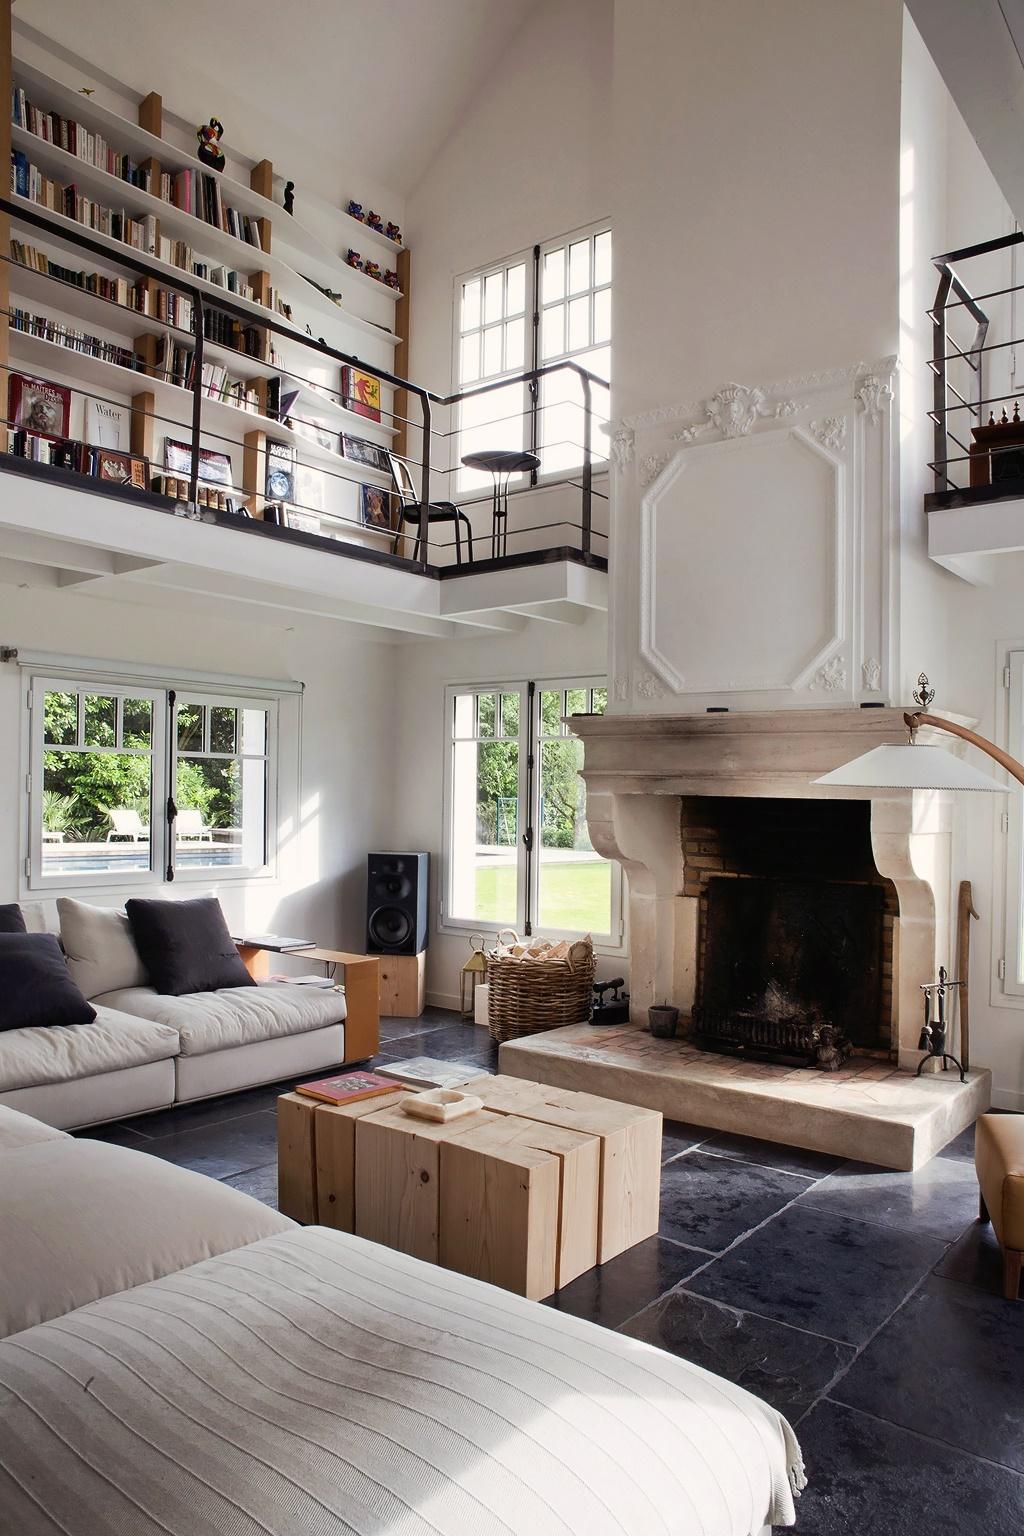 Olivier-Chabaud-Architecte-MAISON-V-Villennes-sur-Seine-2